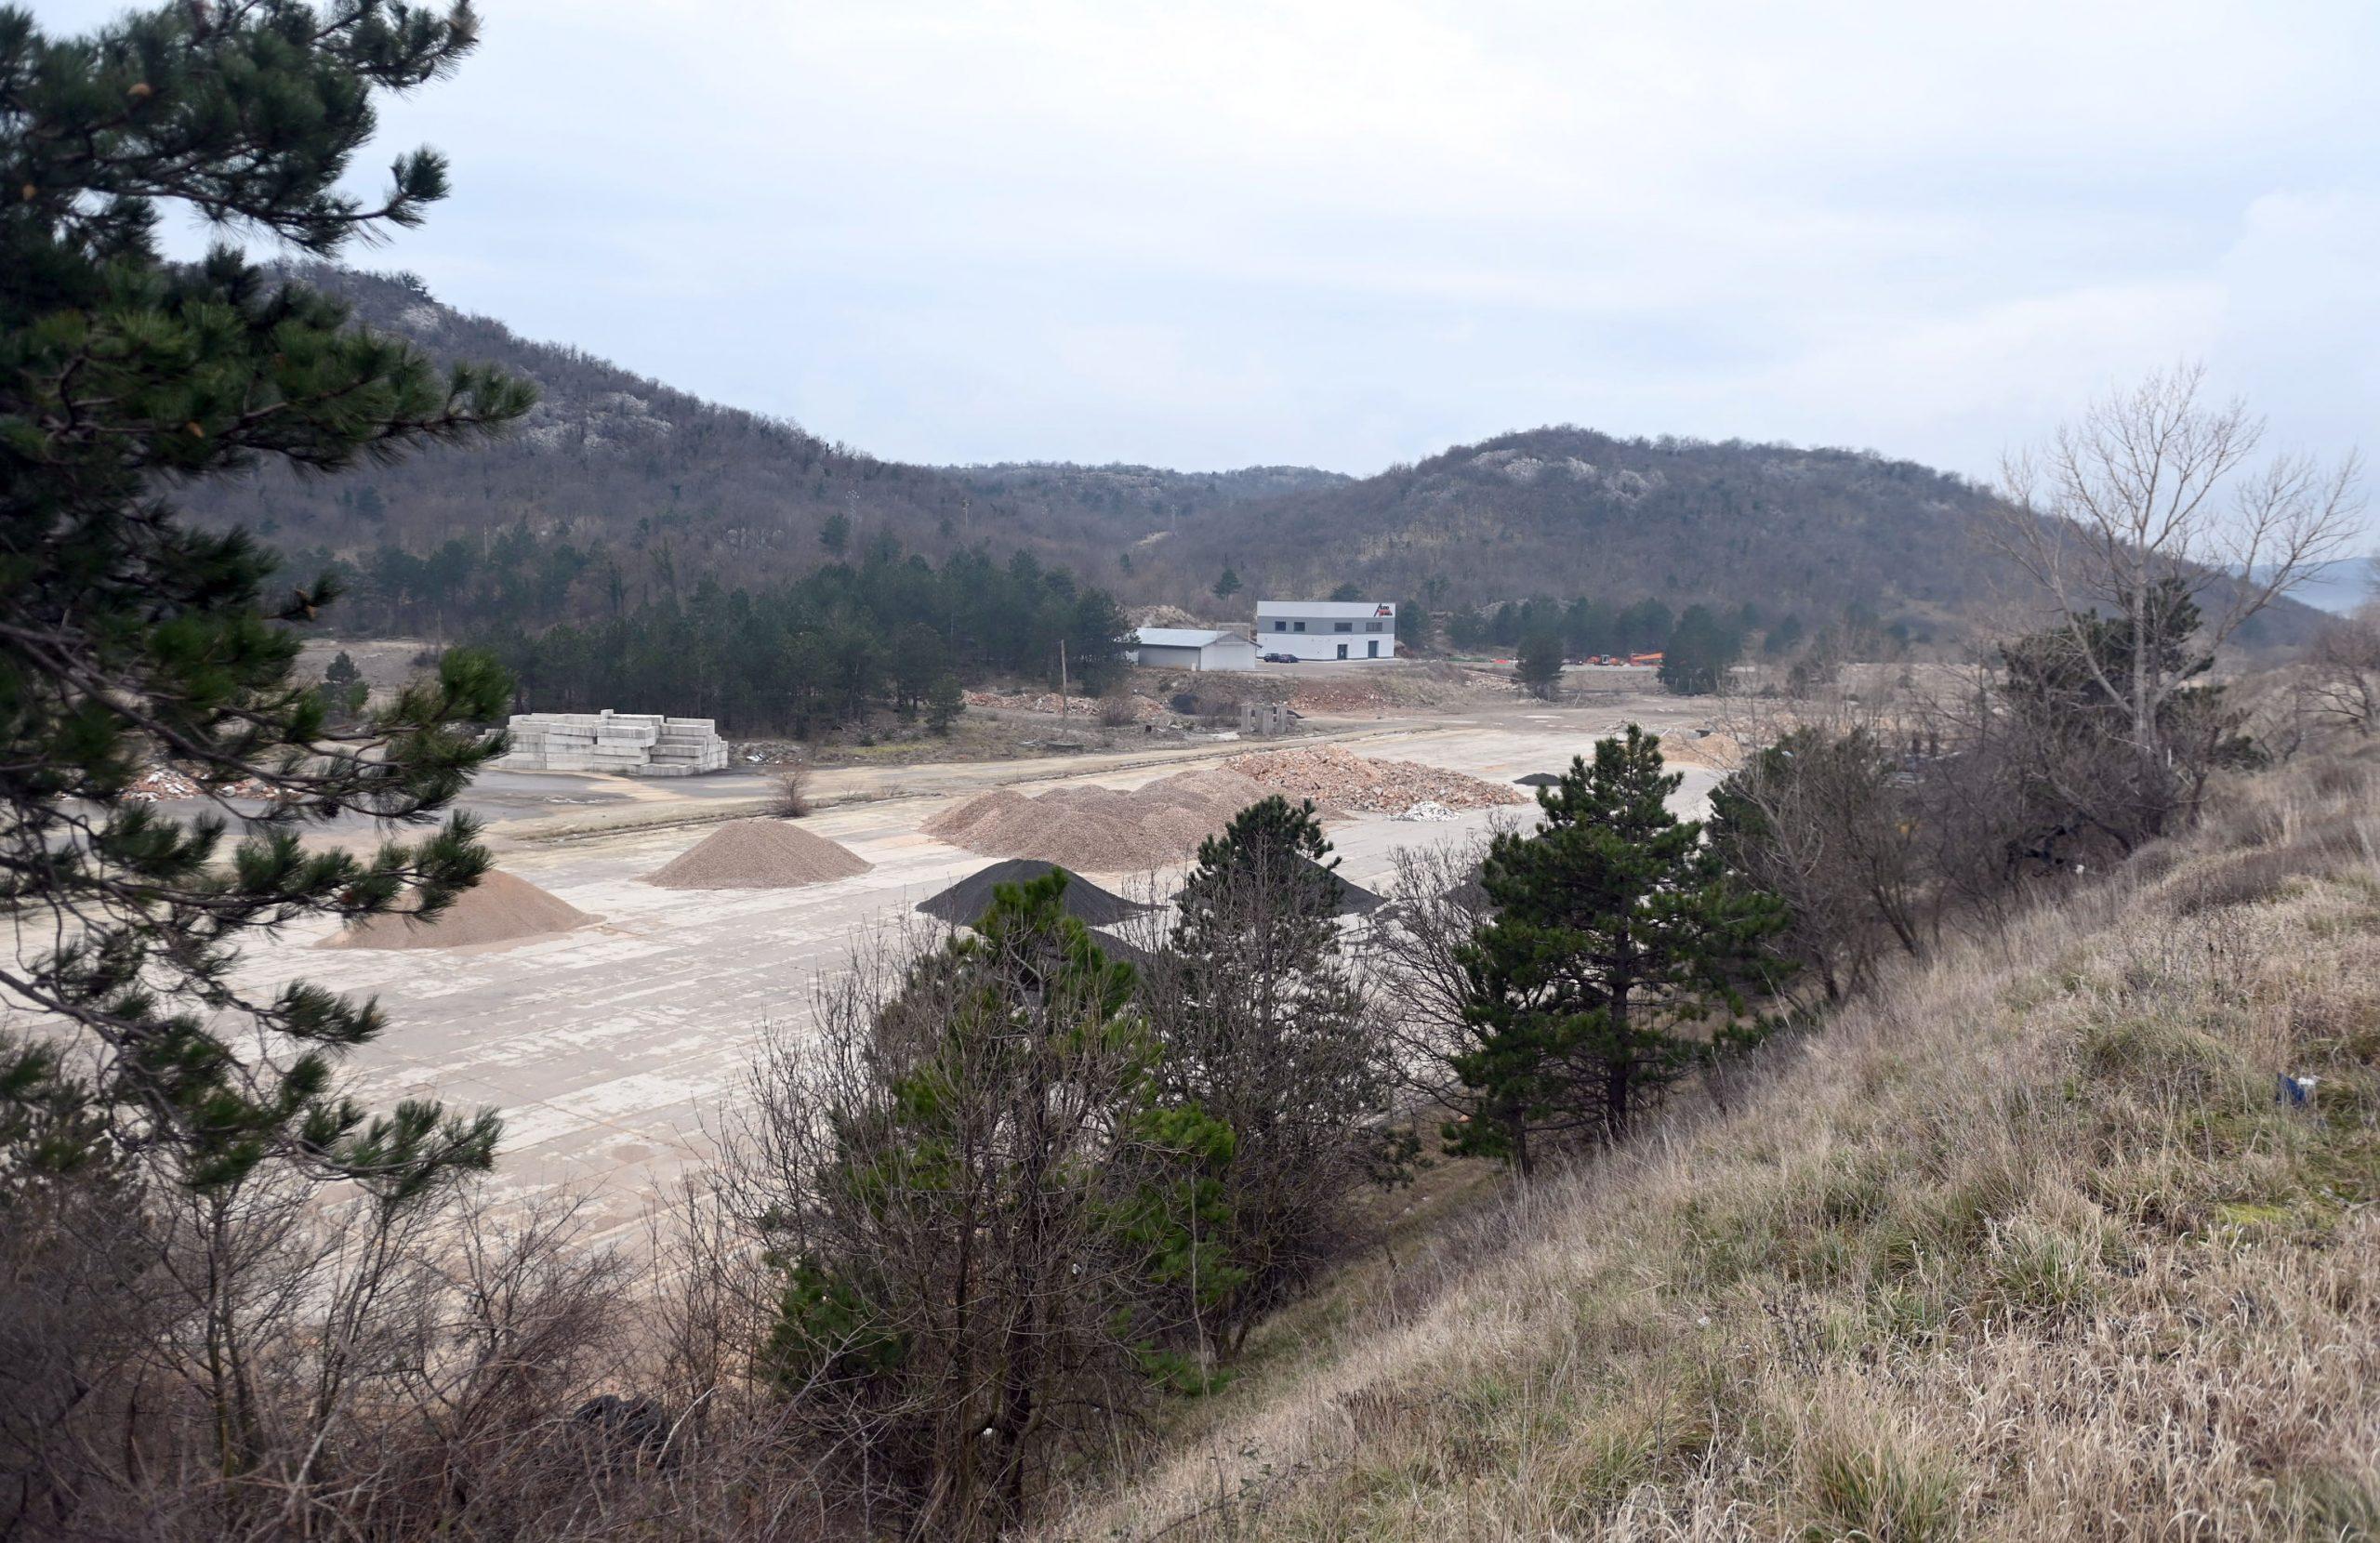 Izgradnja infrastrukture na gotovo 13.000 četvornih metara trebala bi potaknuti nove investicije u Poslovnoj zoni Soboli / Foto V. KARUZA